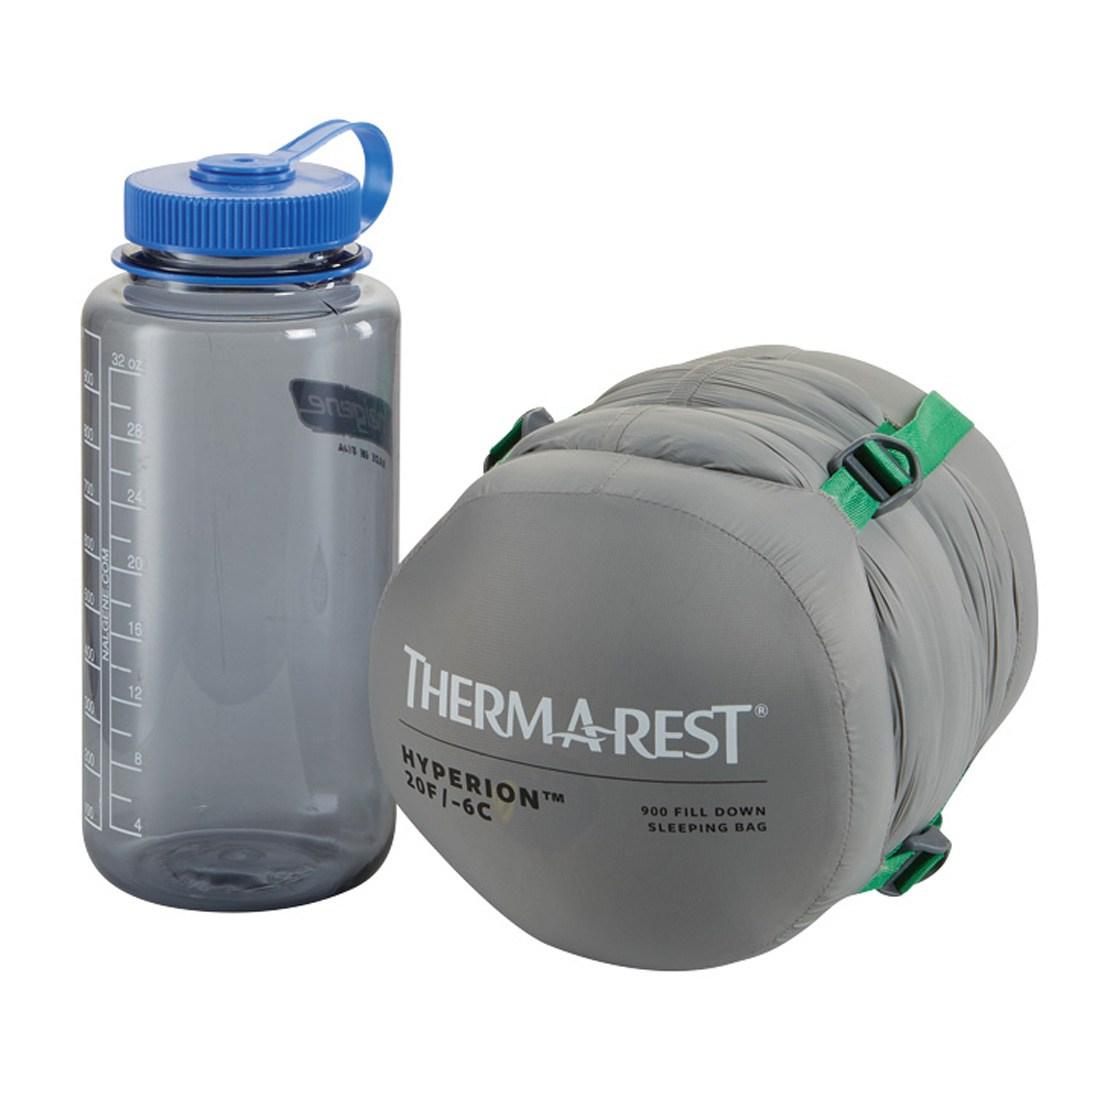 サーマレスト ハイペリオン -6℃ シュラフ 寝袋  国内正規品 30164